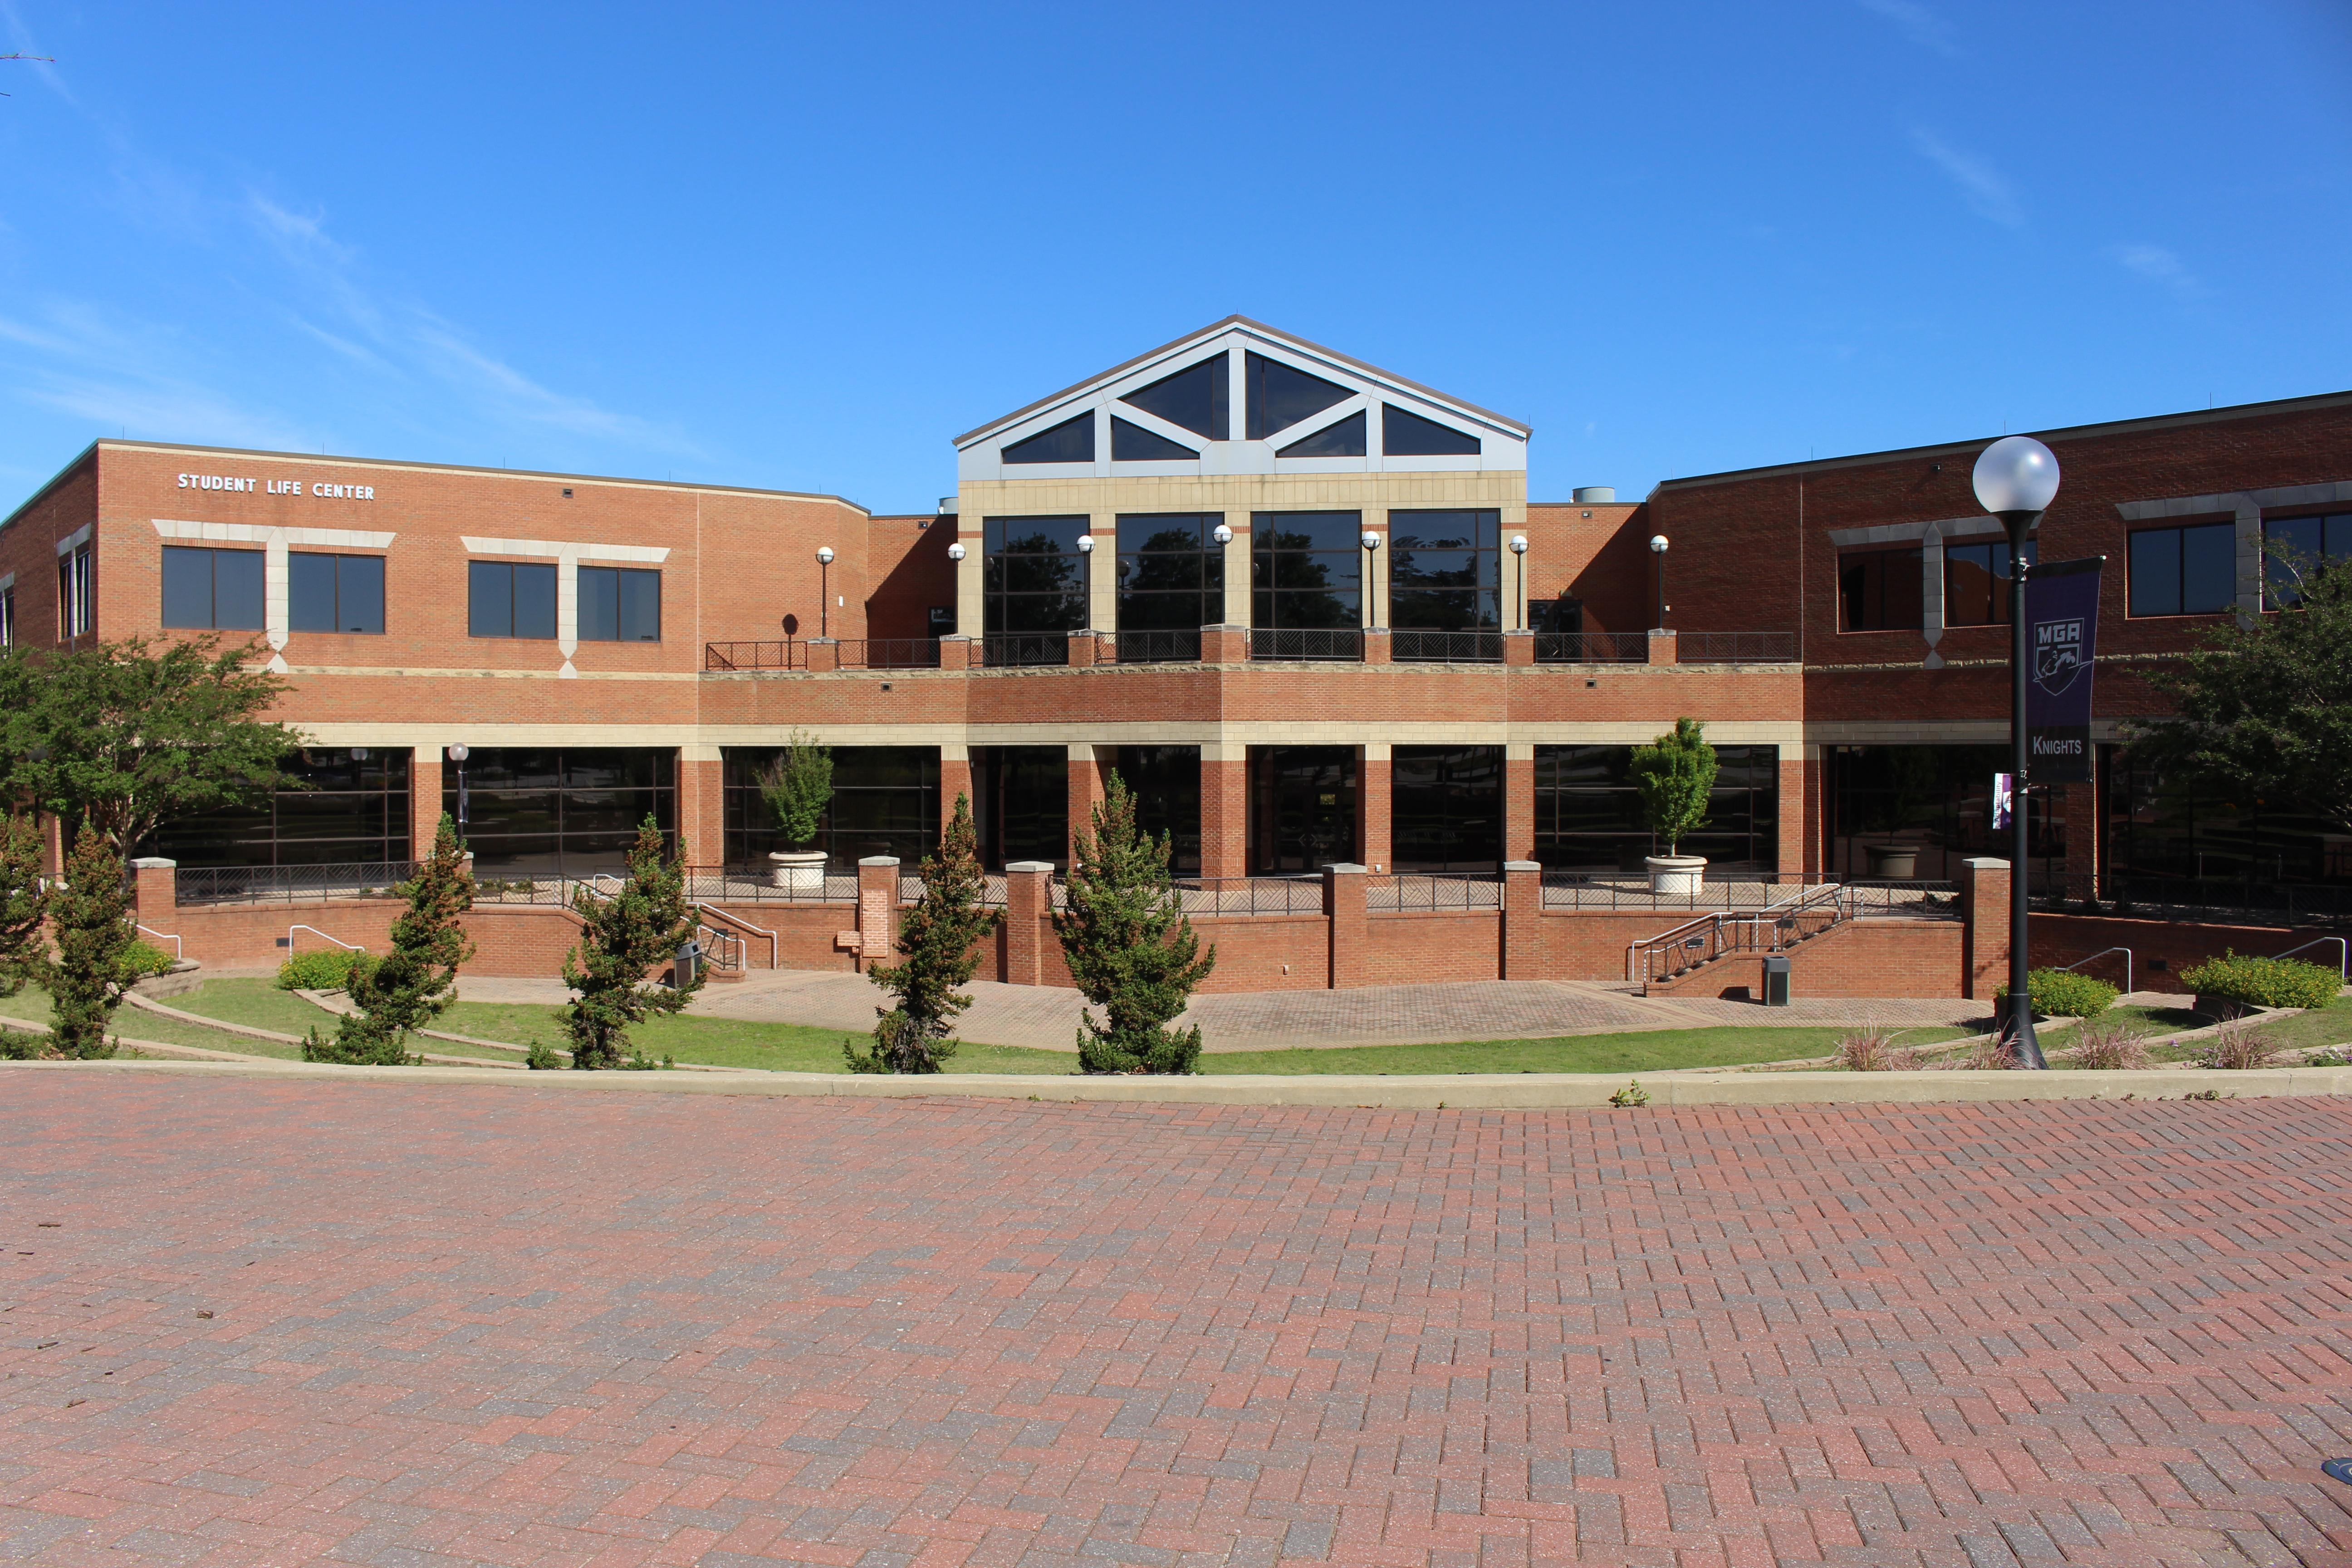 Georgia State University Campus Life